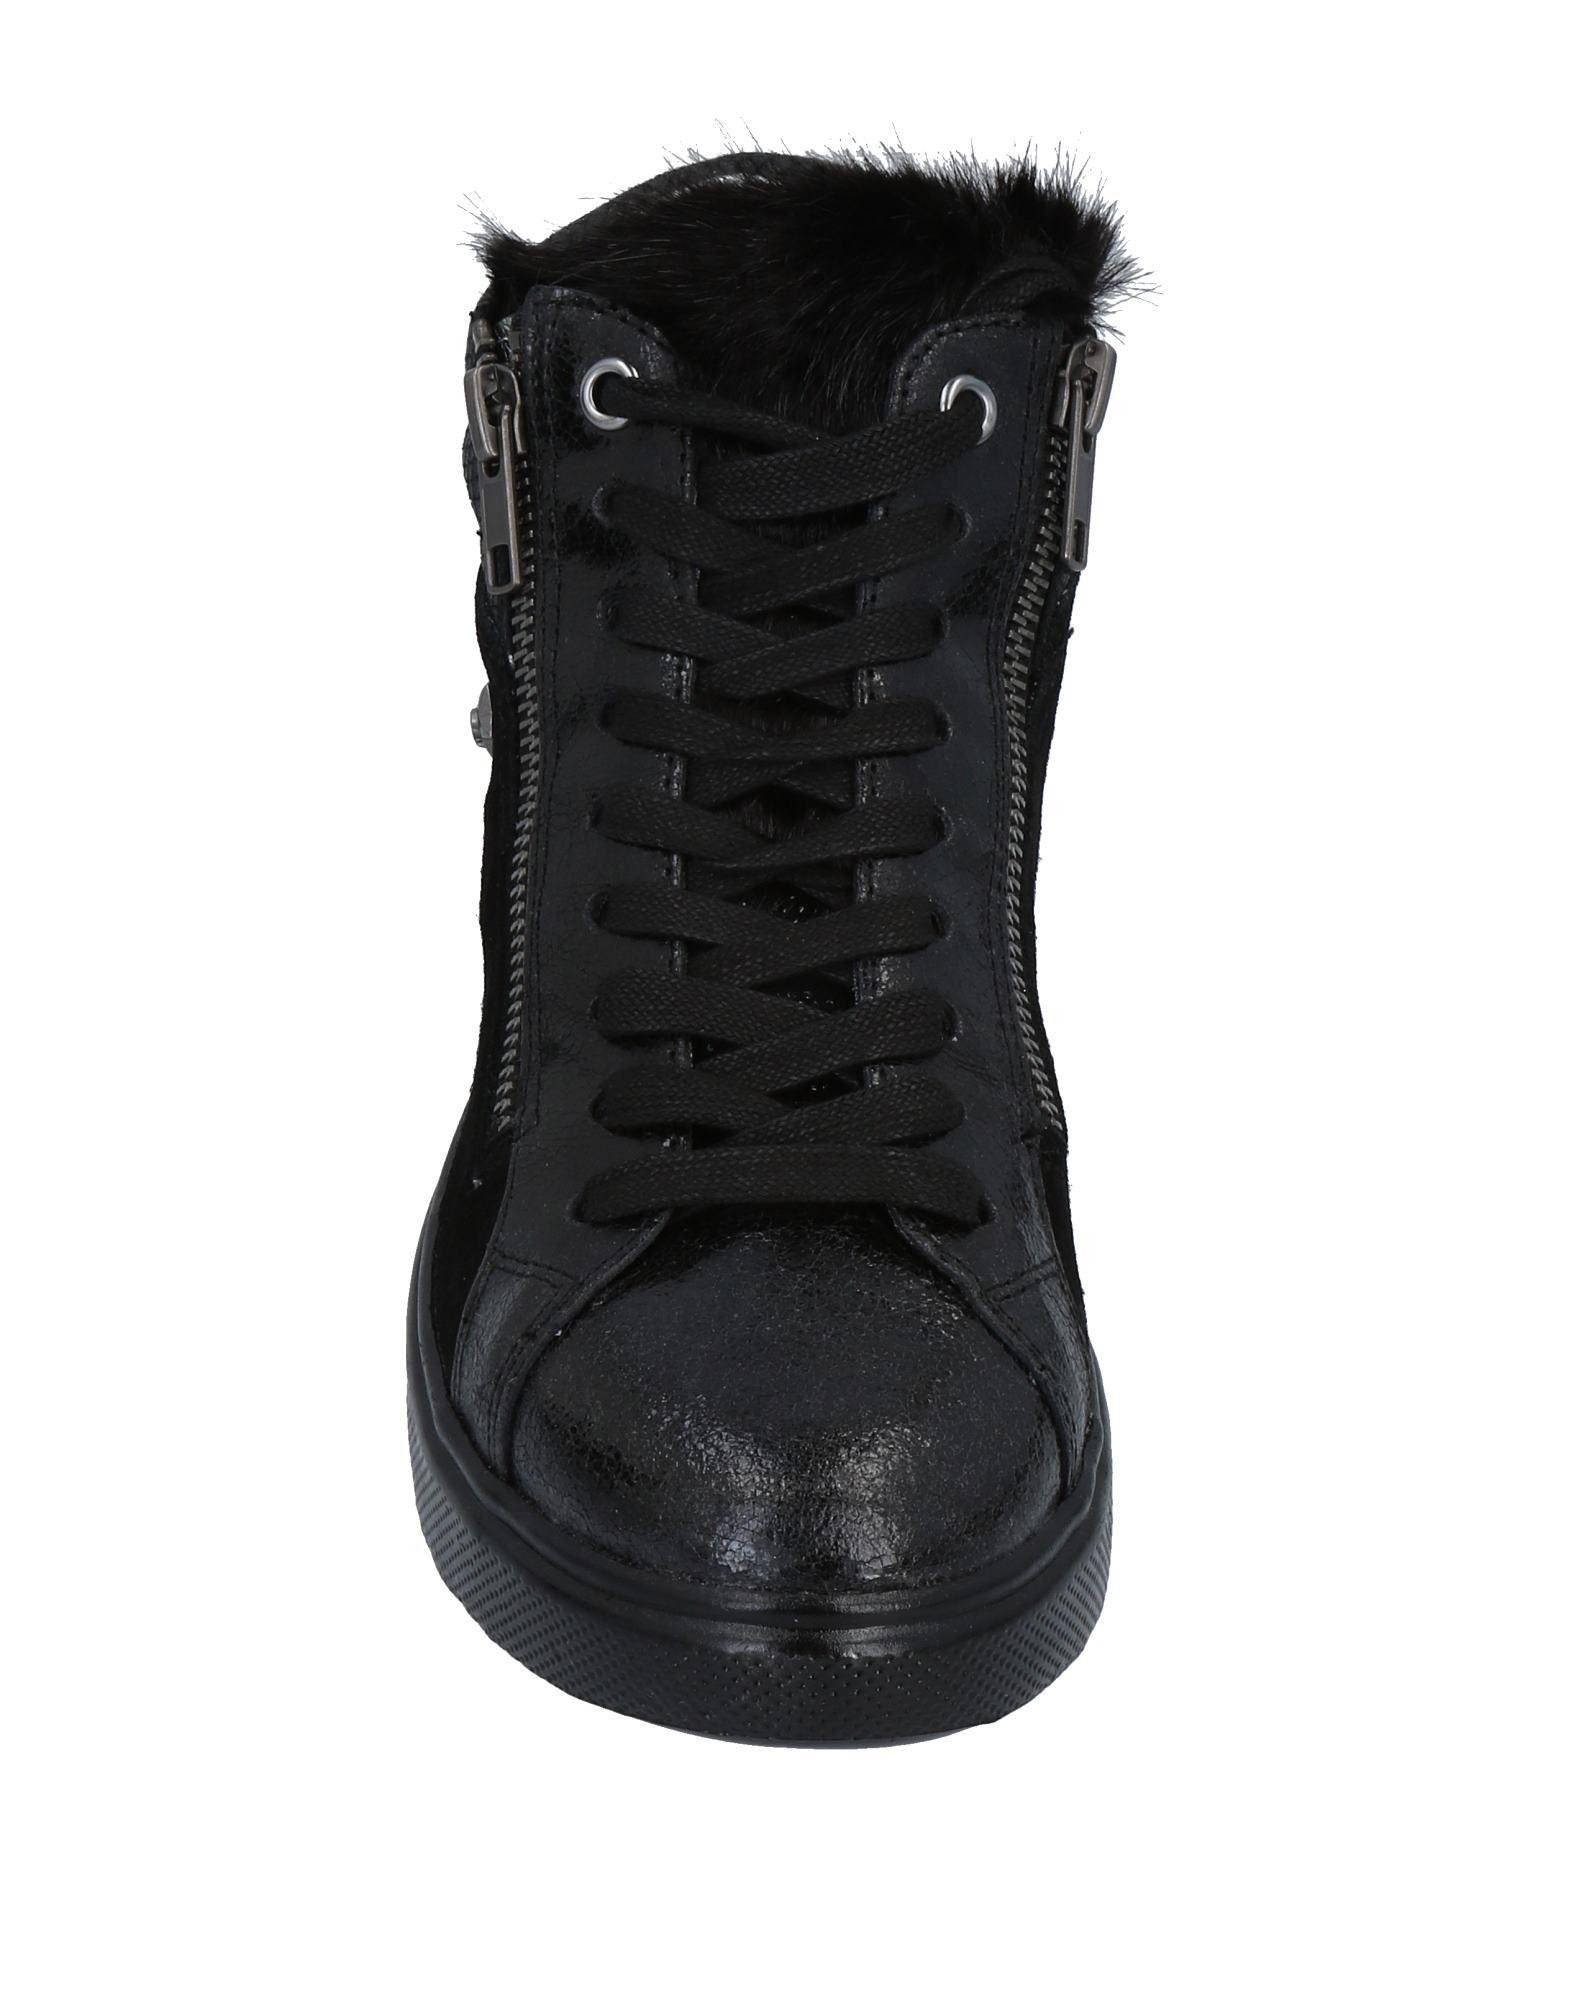 Replay Sneakers Damen Qualität  11493699HT Gute Qualität Damen beliebte Schuhe 2f7ed0